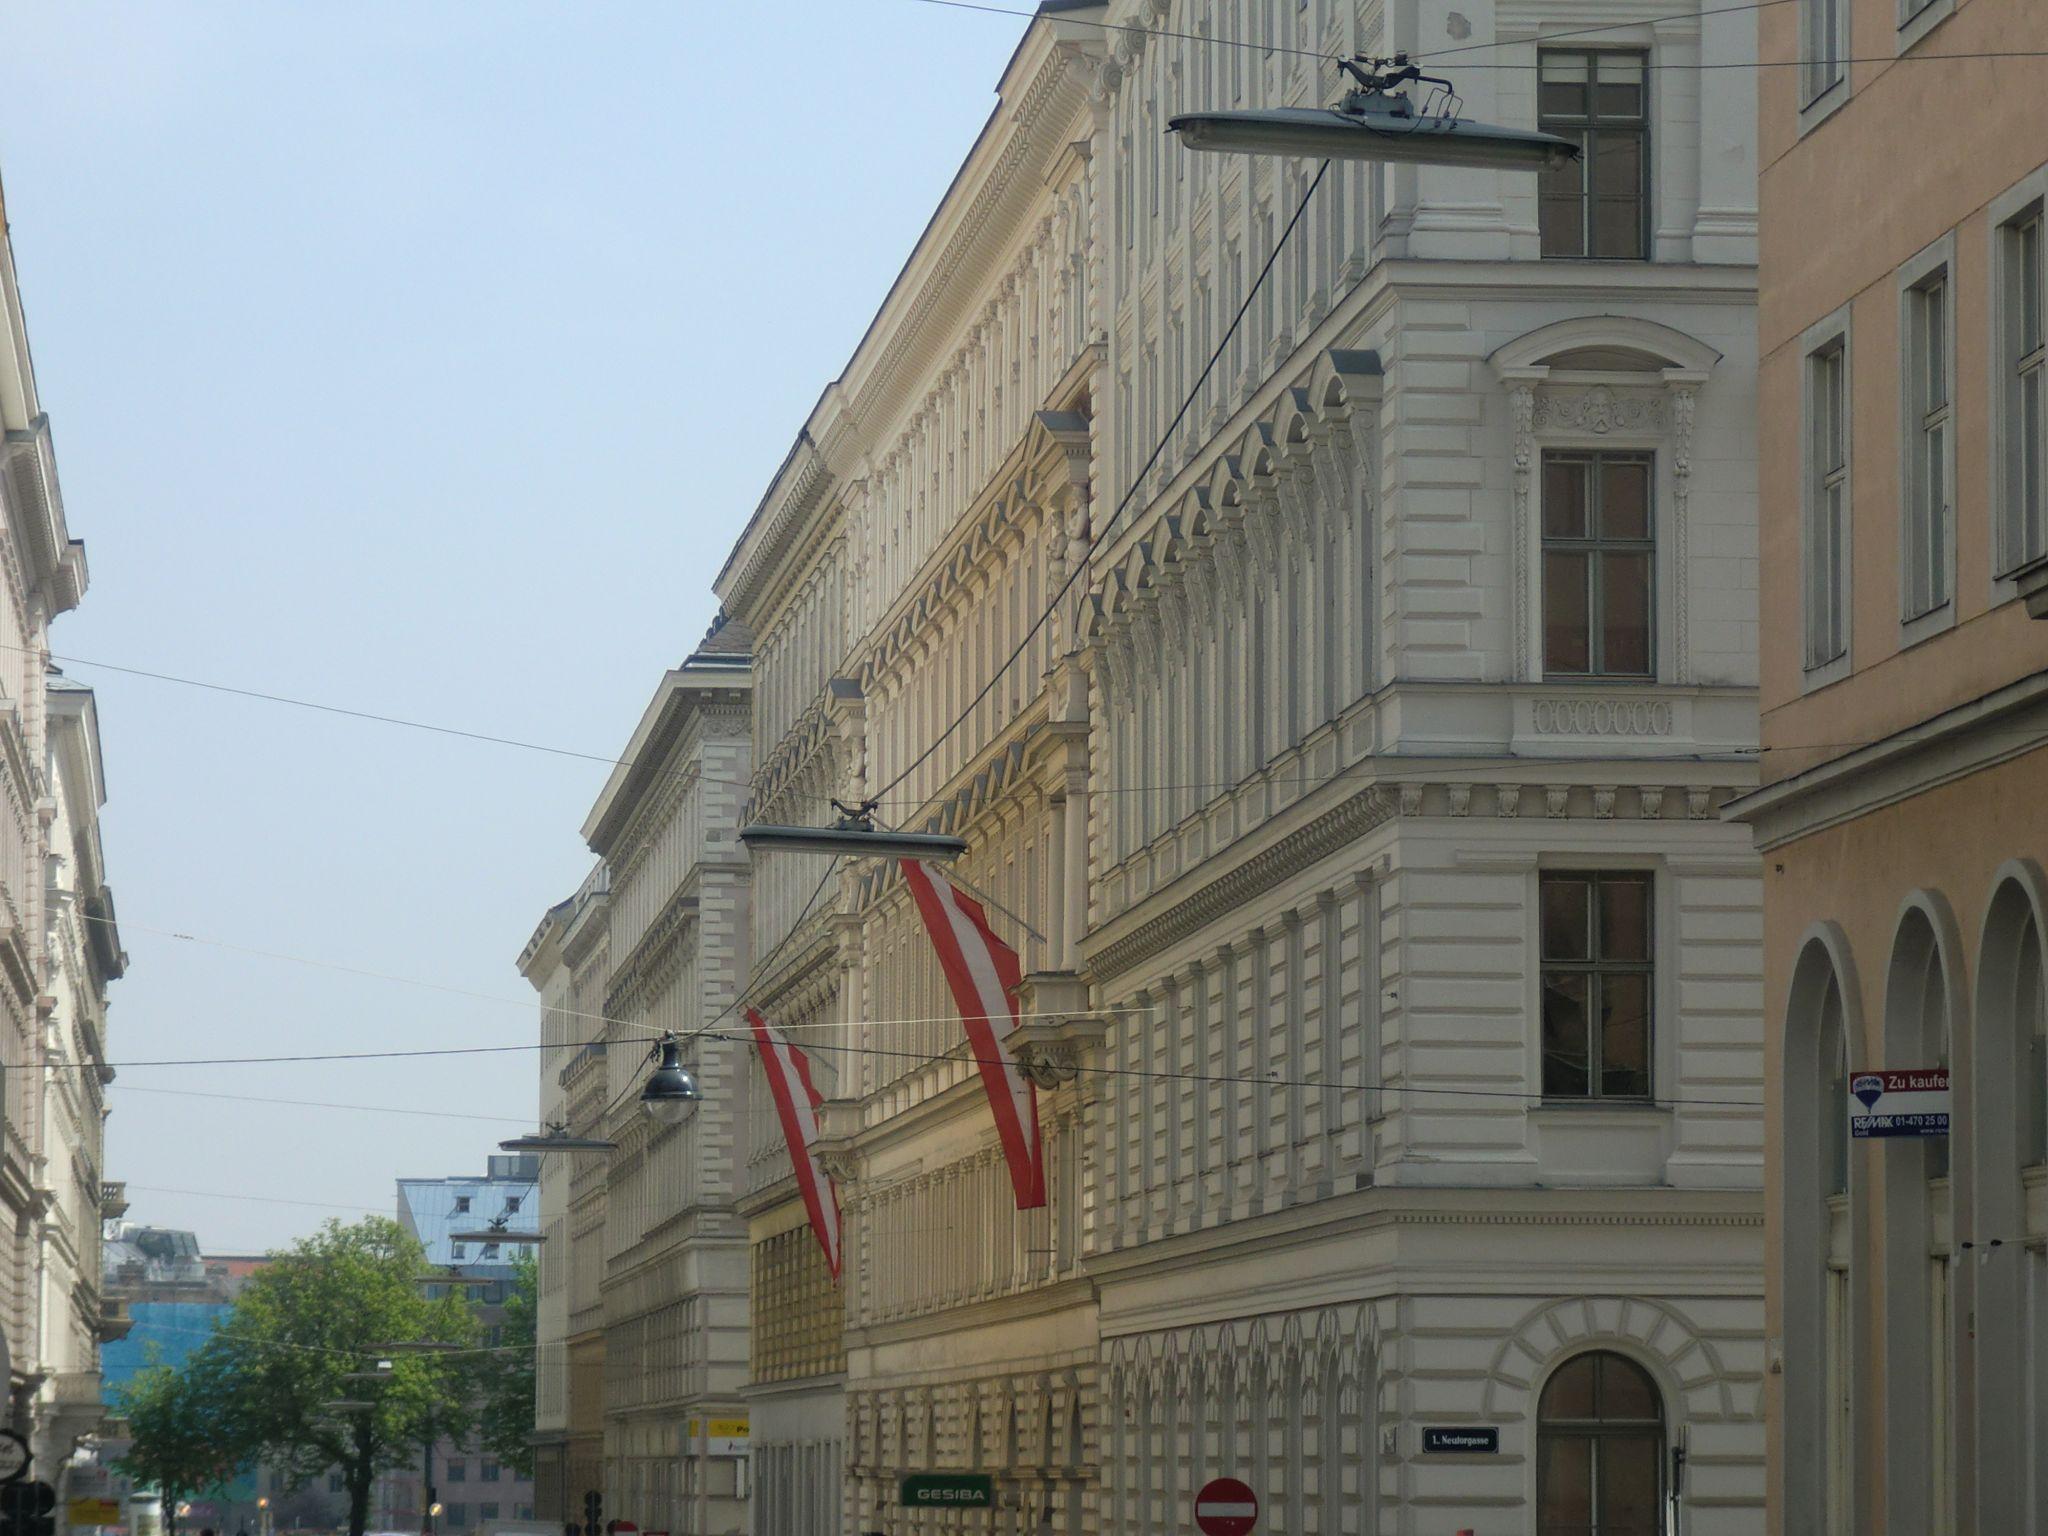 Vienna architecture 21 1440x1080 - Vienna: elegant beauty